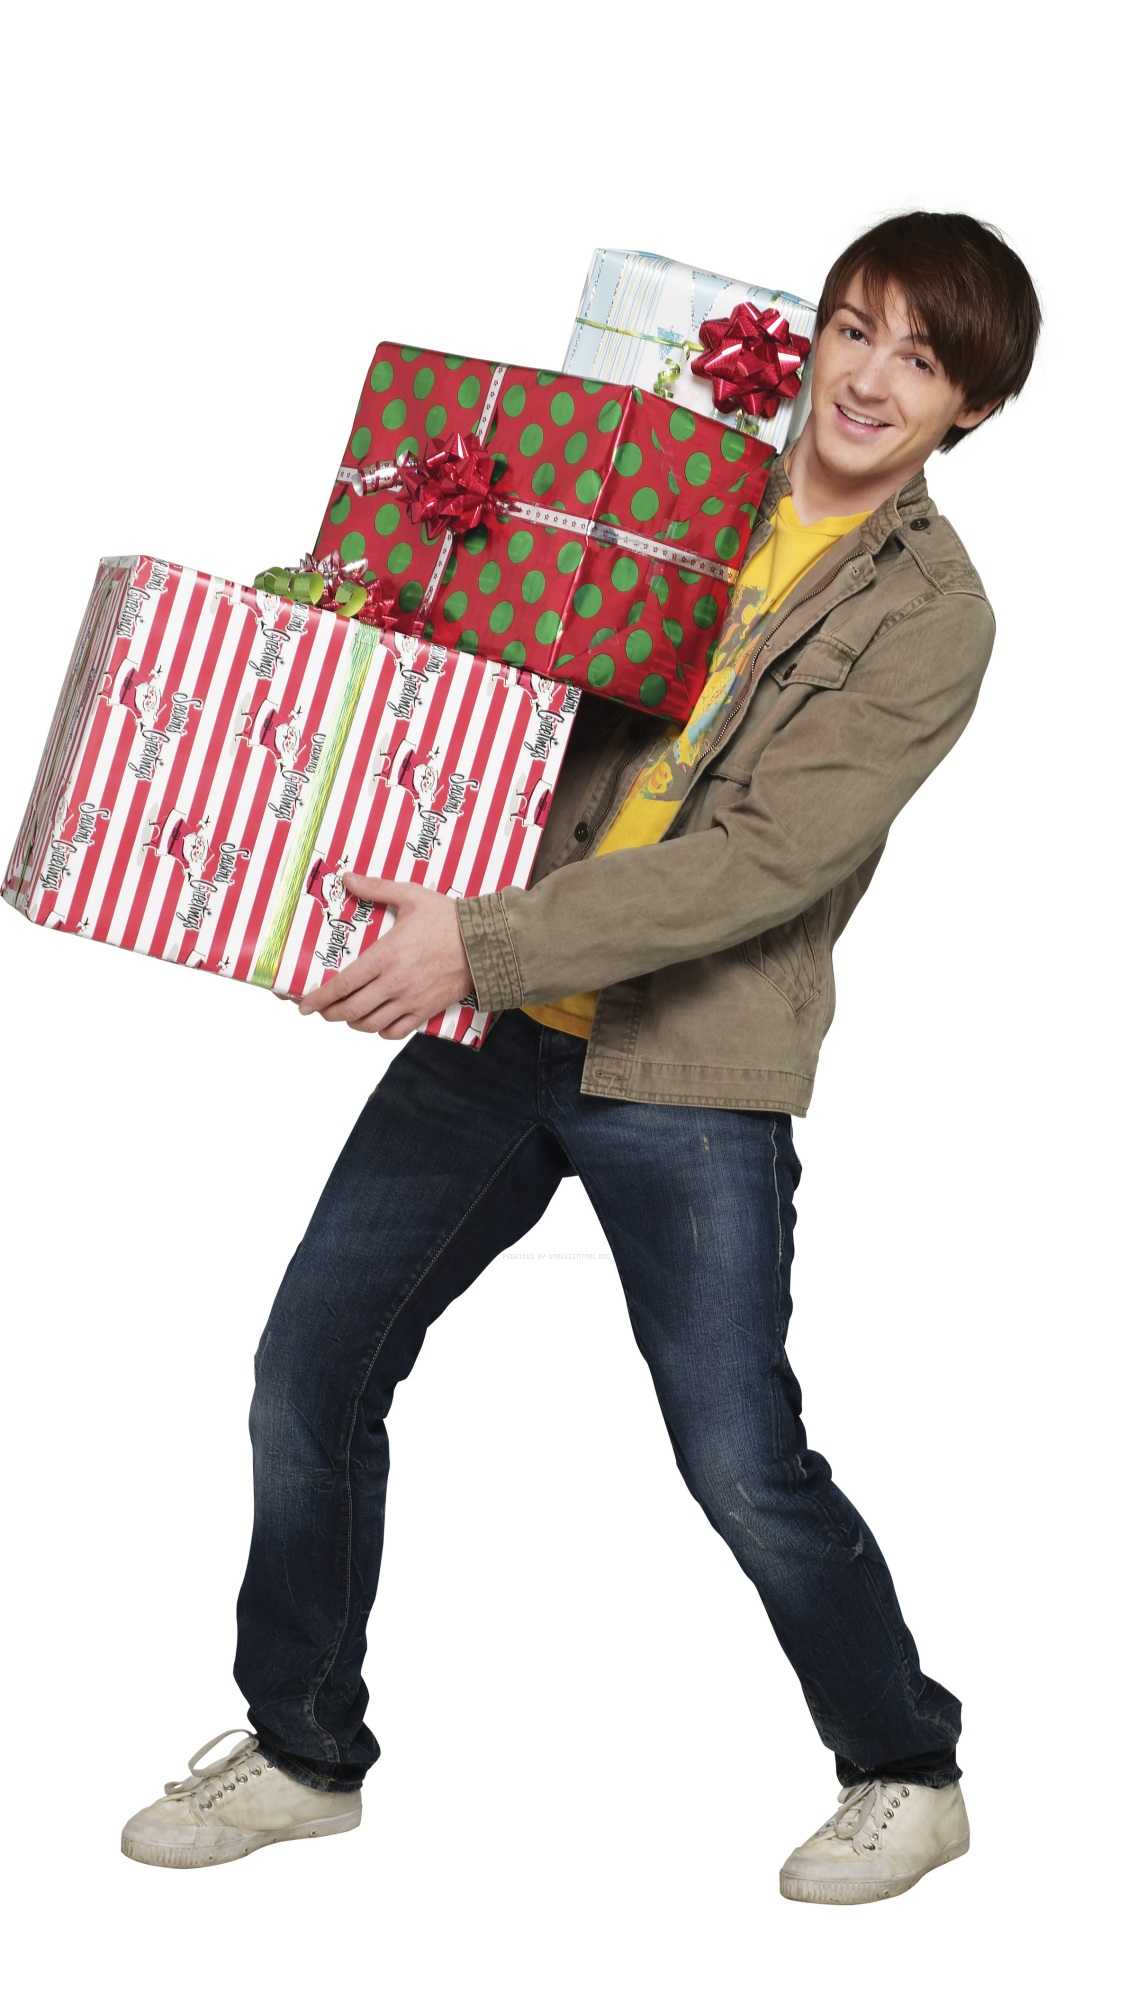 Frohliche weihnachten drake & josh download